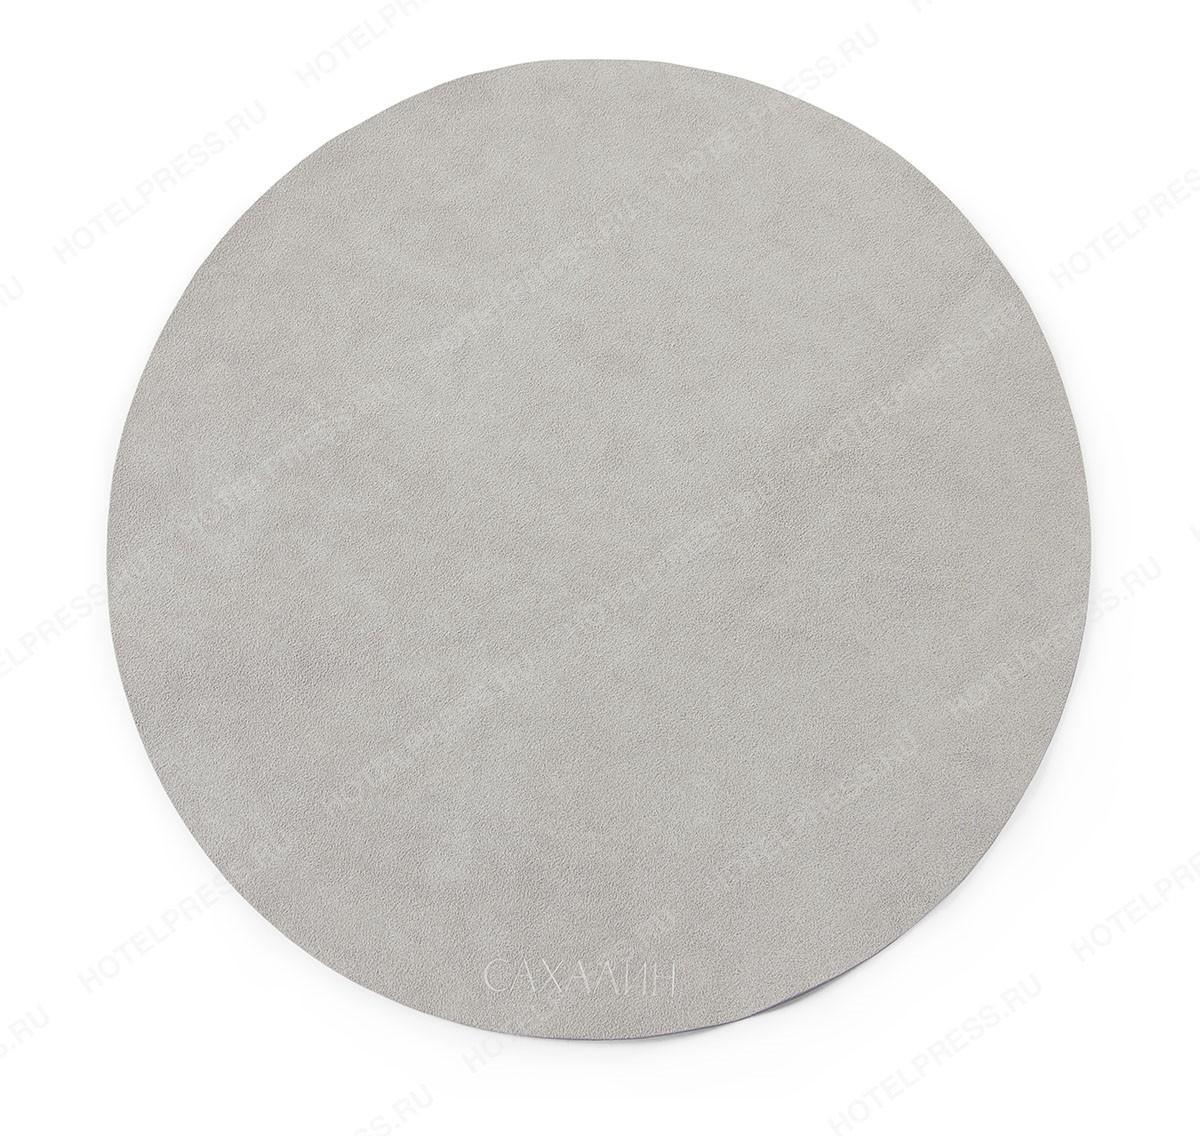 Плейсмат ( Placemat)  из Алькантара круглый ПМ-4